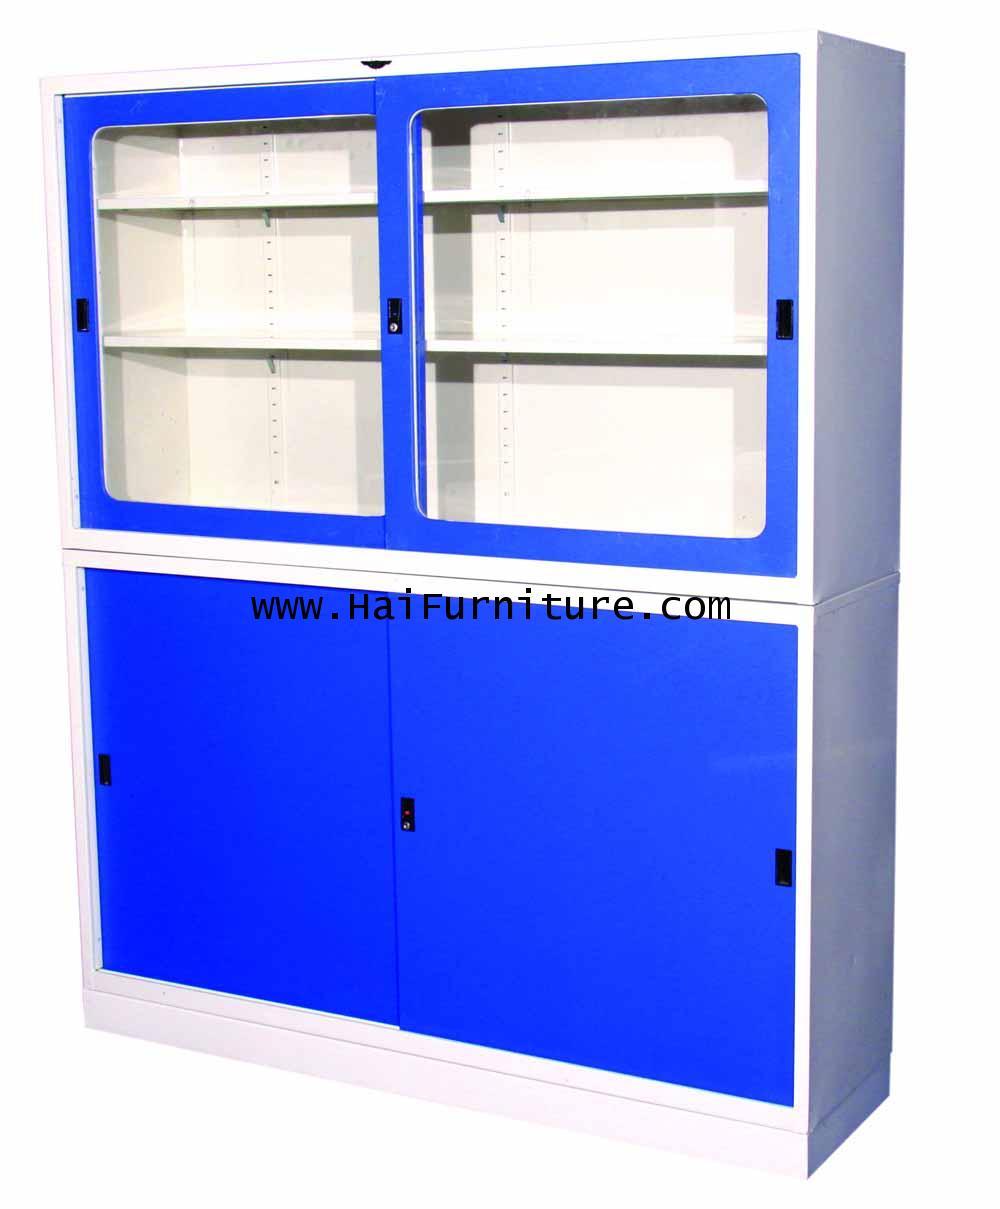 ชุดตู้บานเลื่อน 5 ฟุต Elegant 152.30*40.6*185.6 ซม.